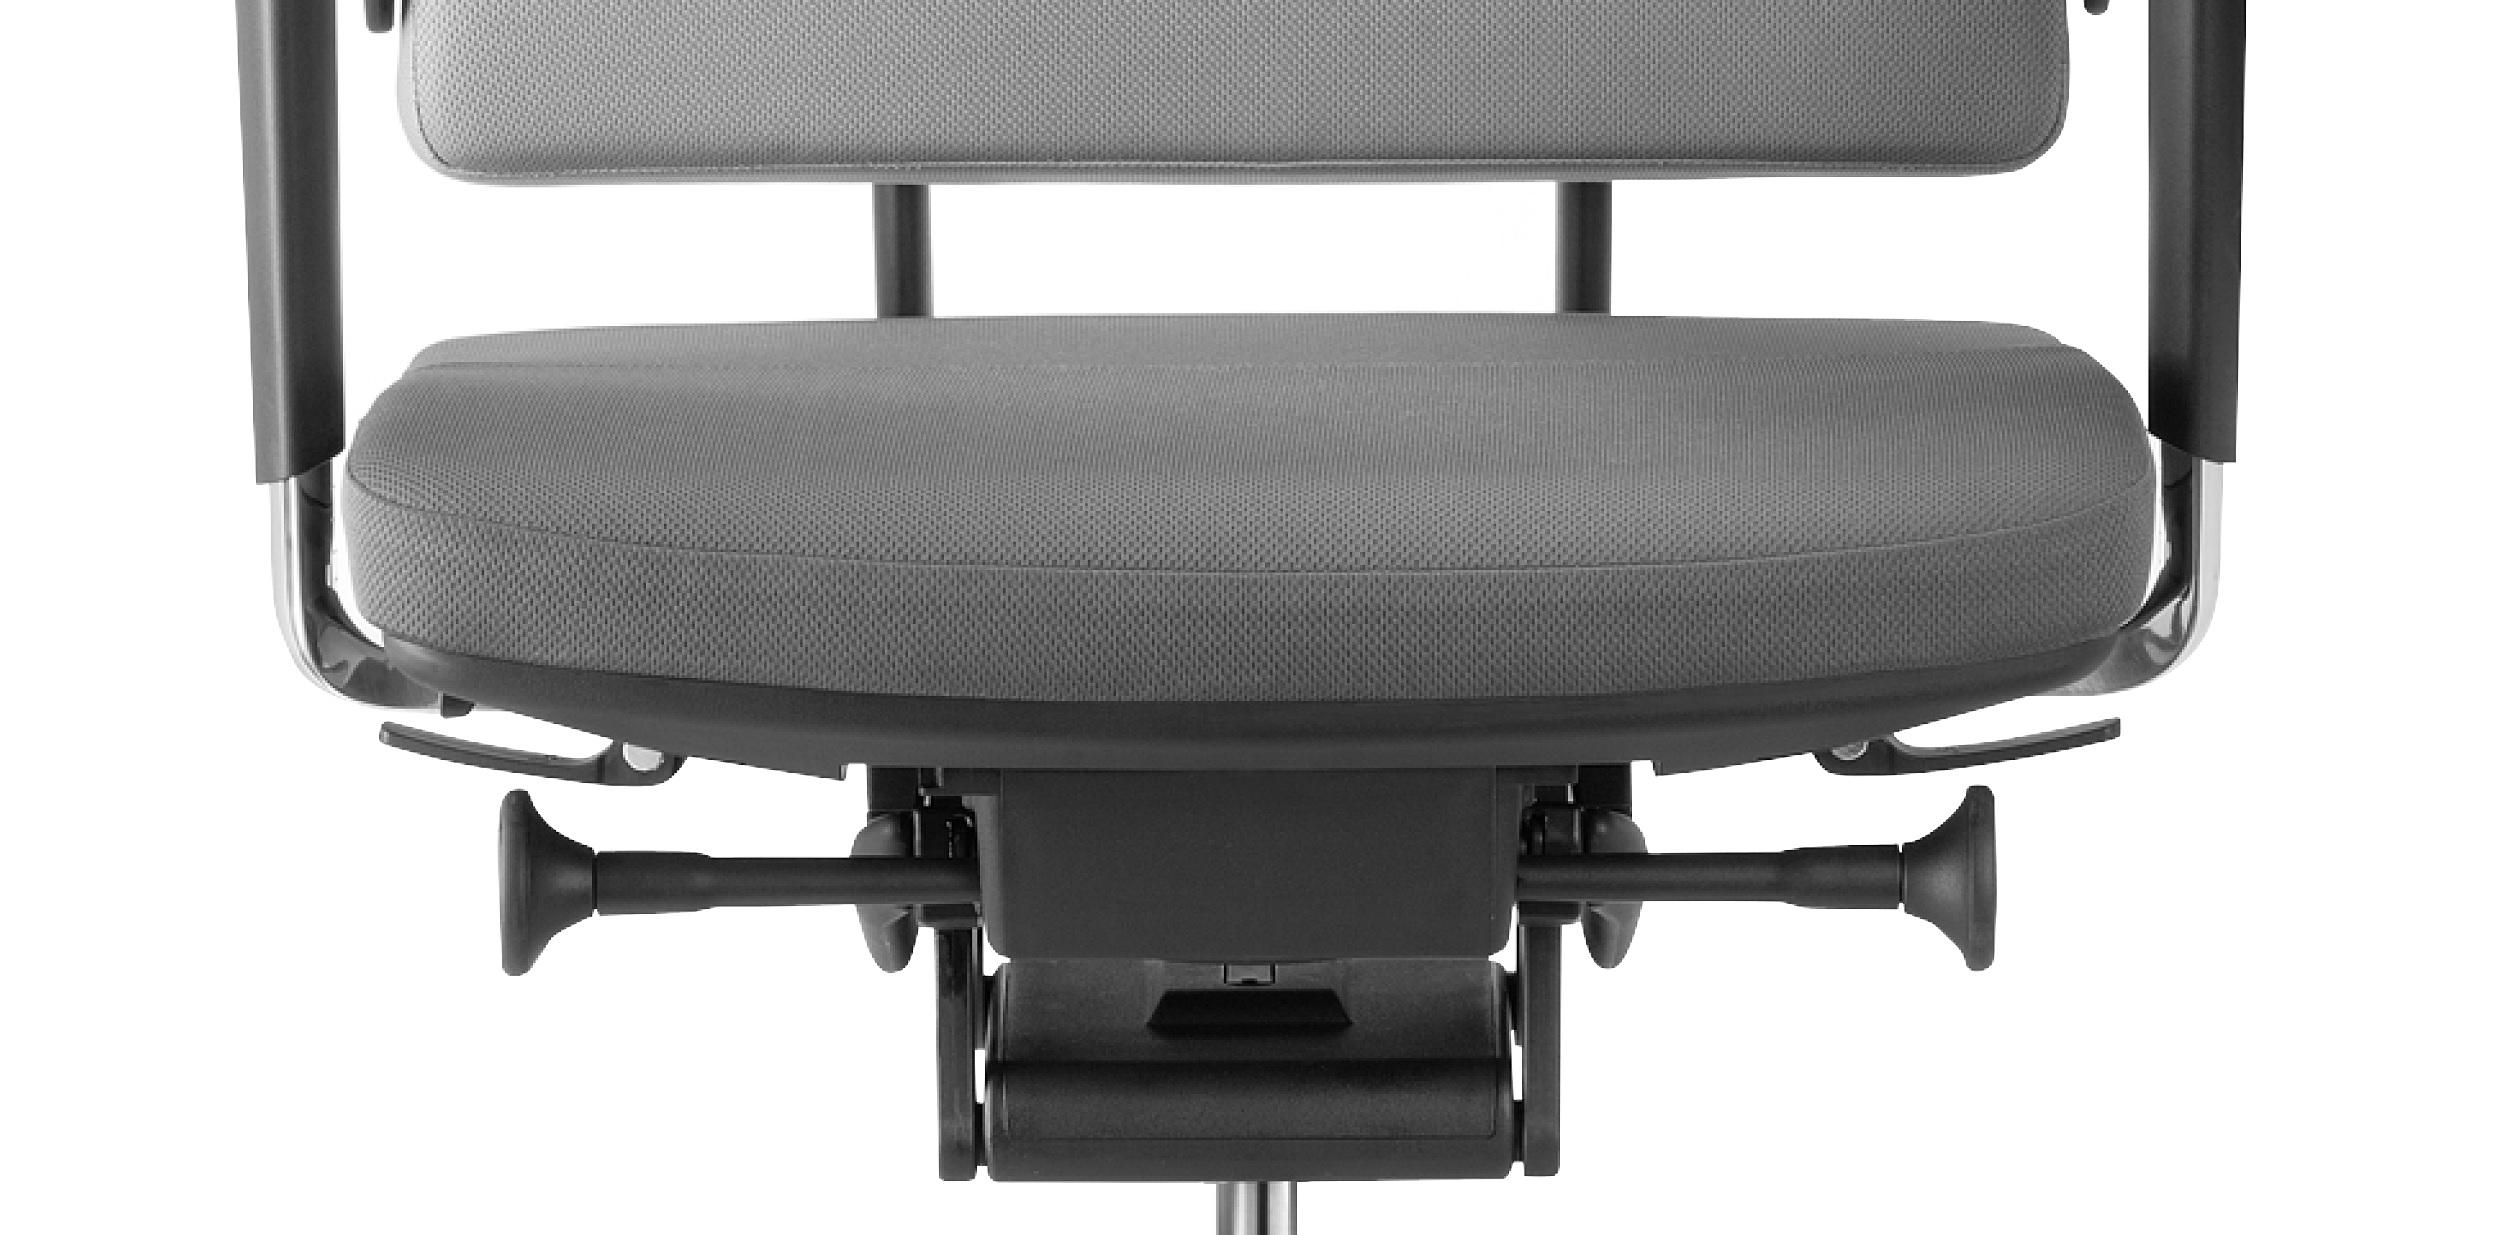 ergonominė biuro kėdė su glide tec mechanizmu